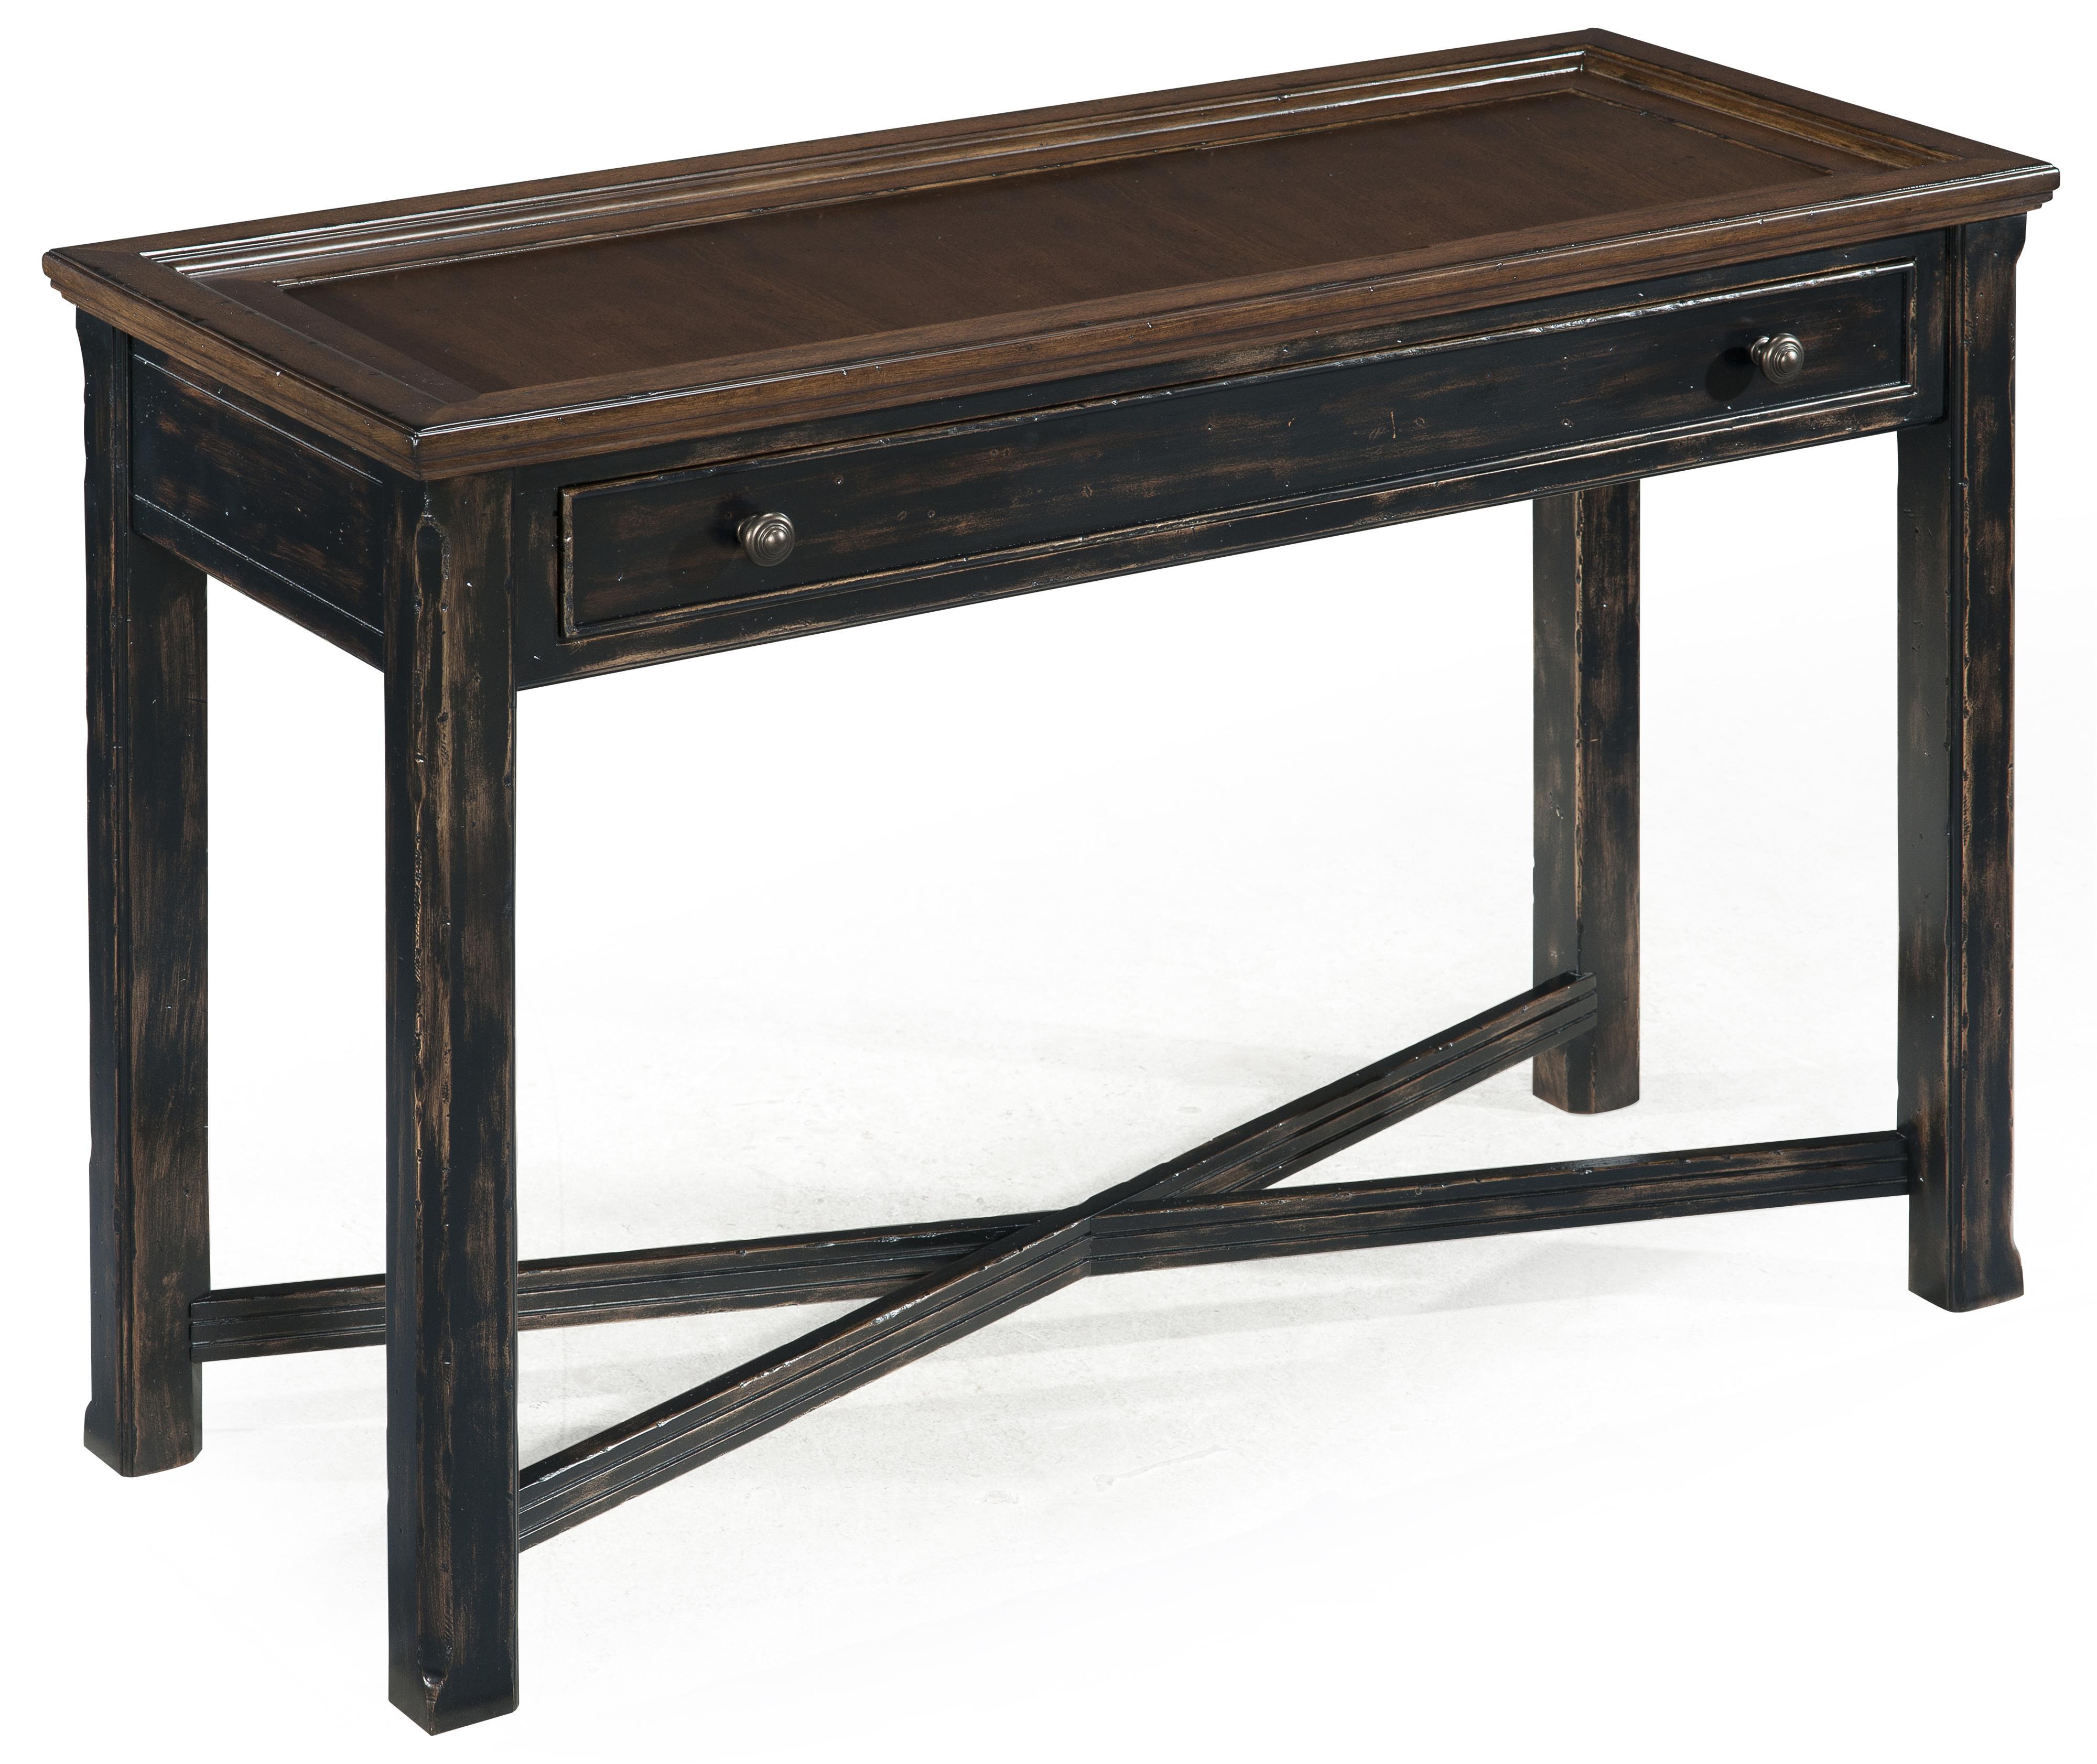 Magnussen Home  Clanton Rectangular Sofa Table - Item Number: T2365-73